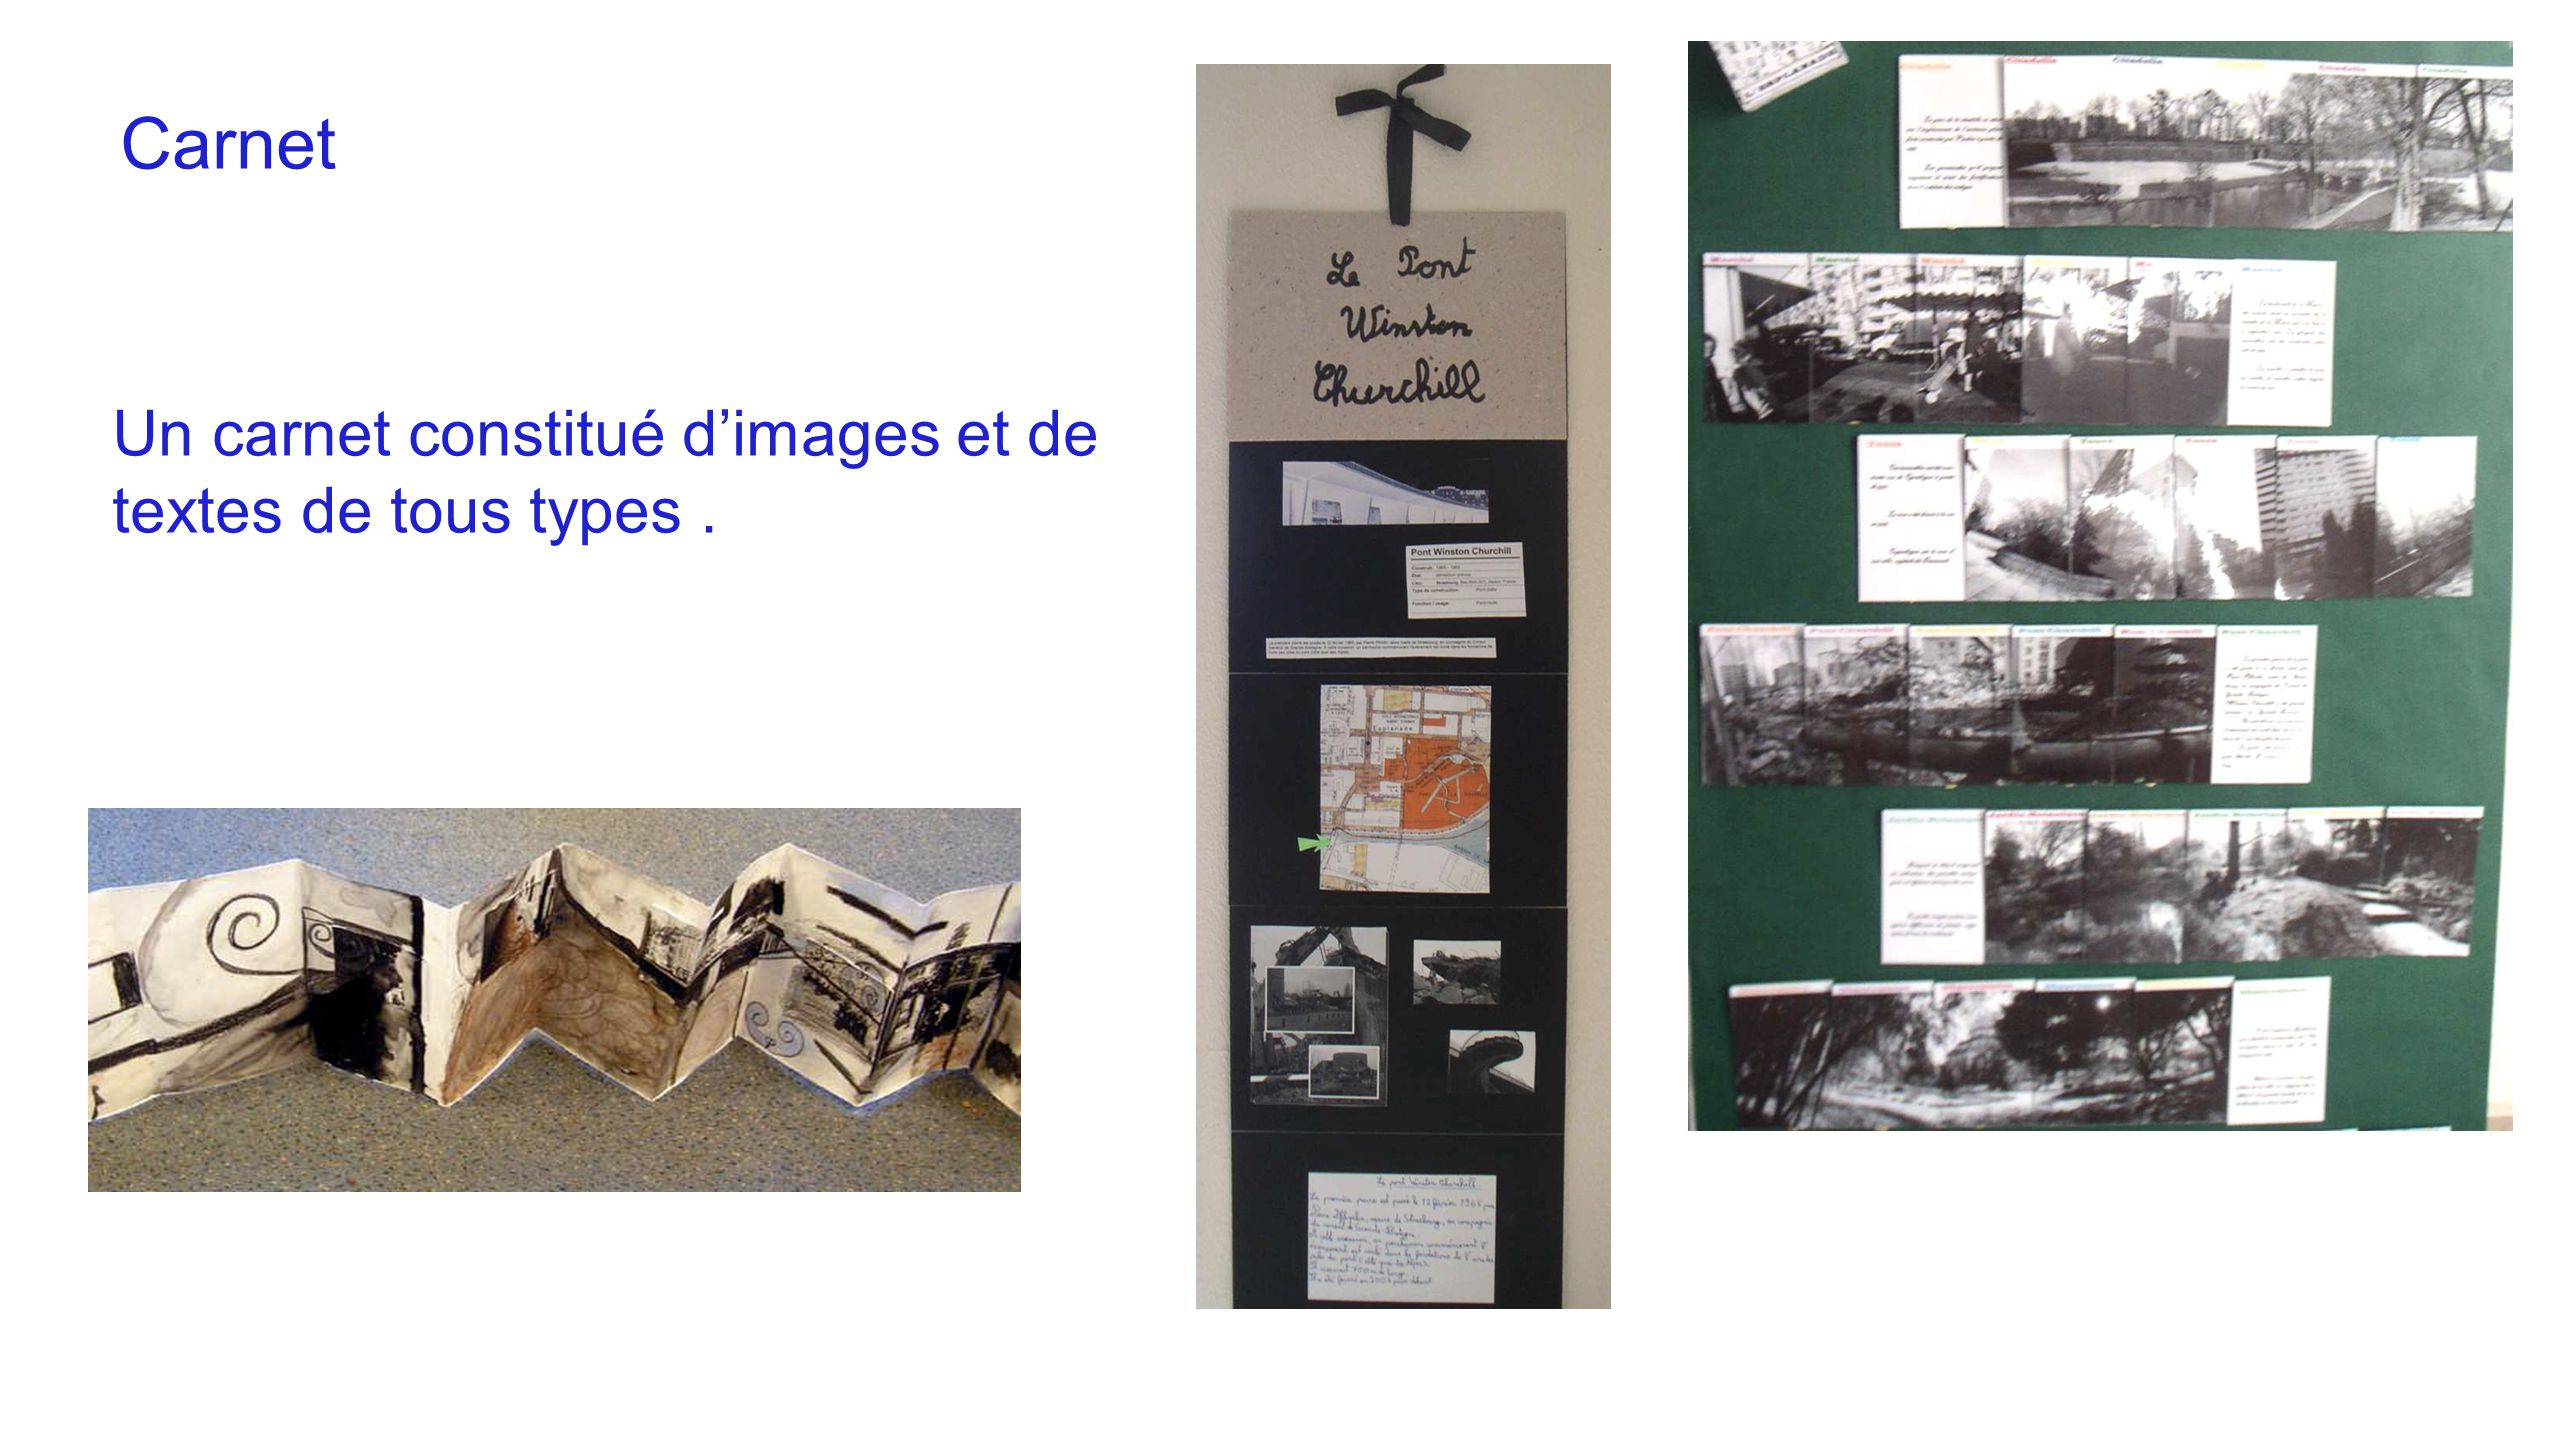 Carnet Un carnet constitué d'images et de textes de tous types .